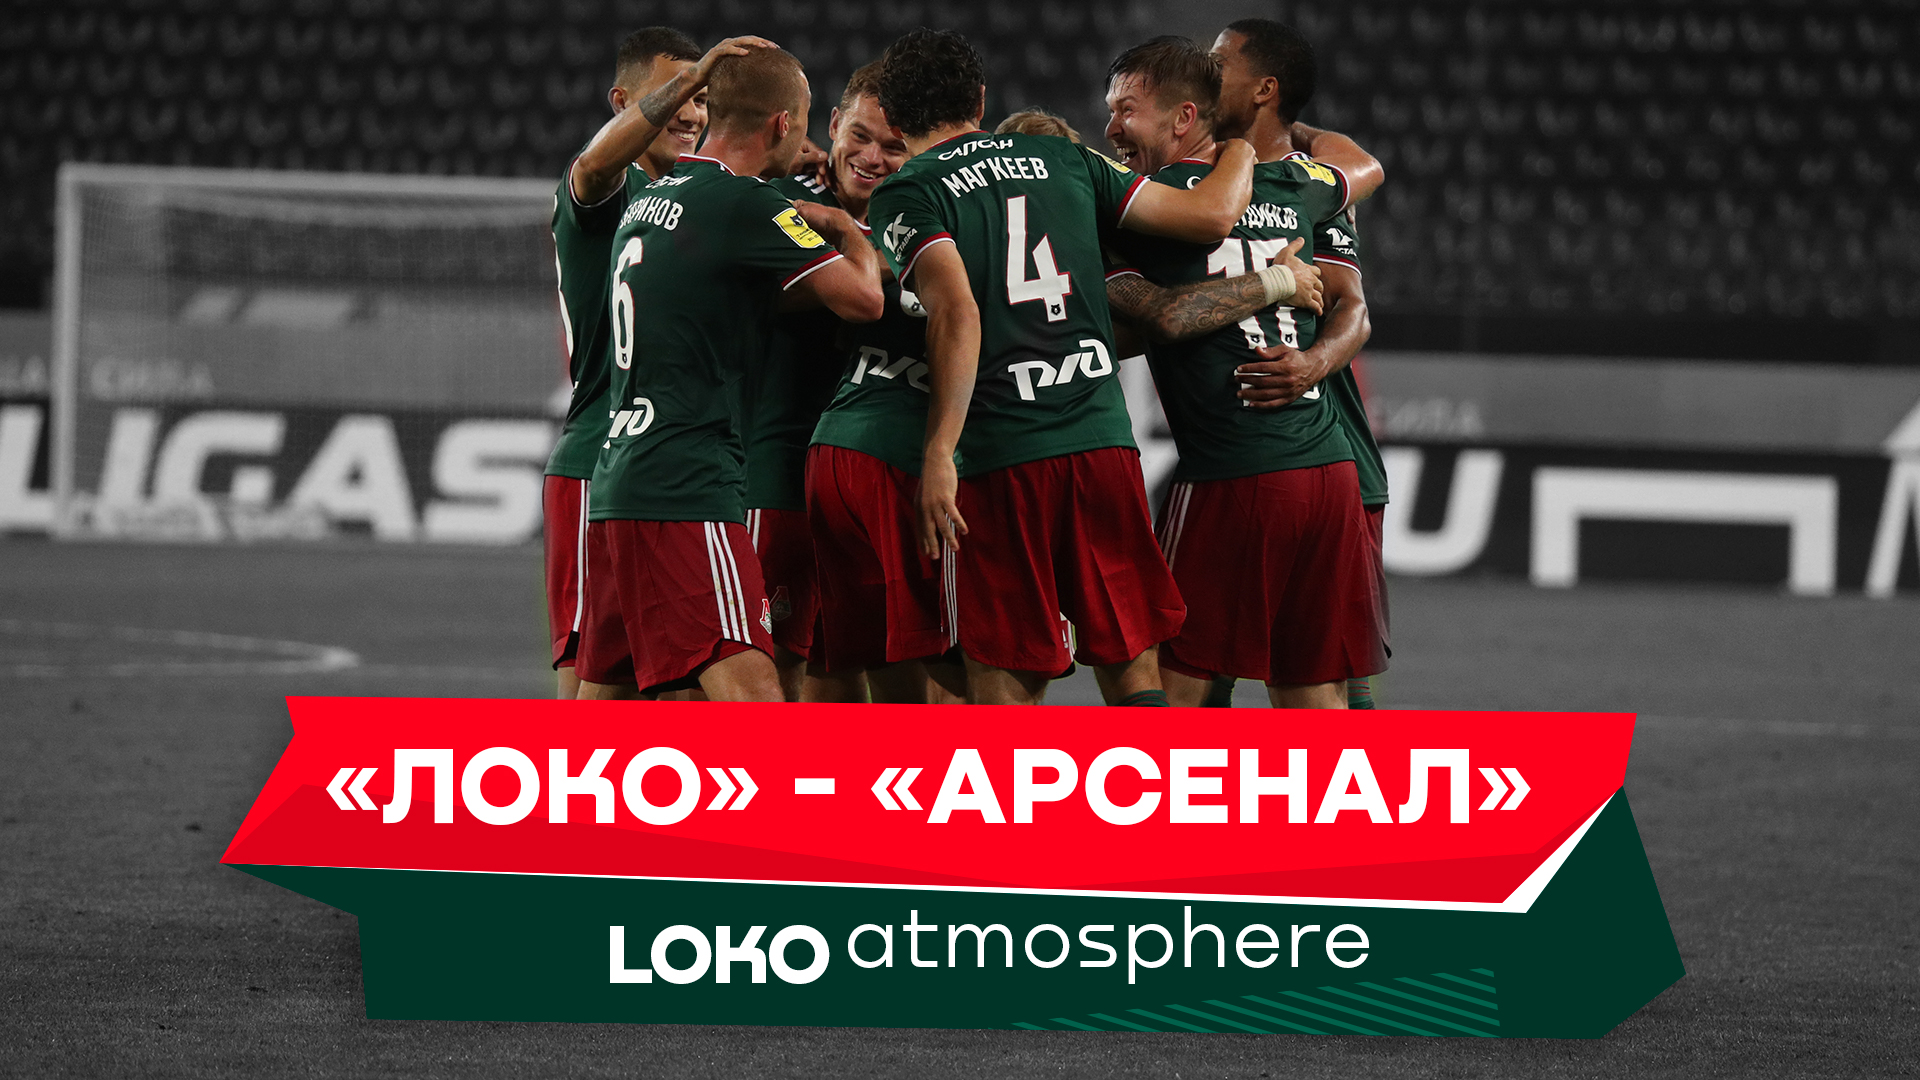 LOKO ATMOSPHERE // «Локомотив» 3:1 «Арсенал» // 24 июля 2021 г.